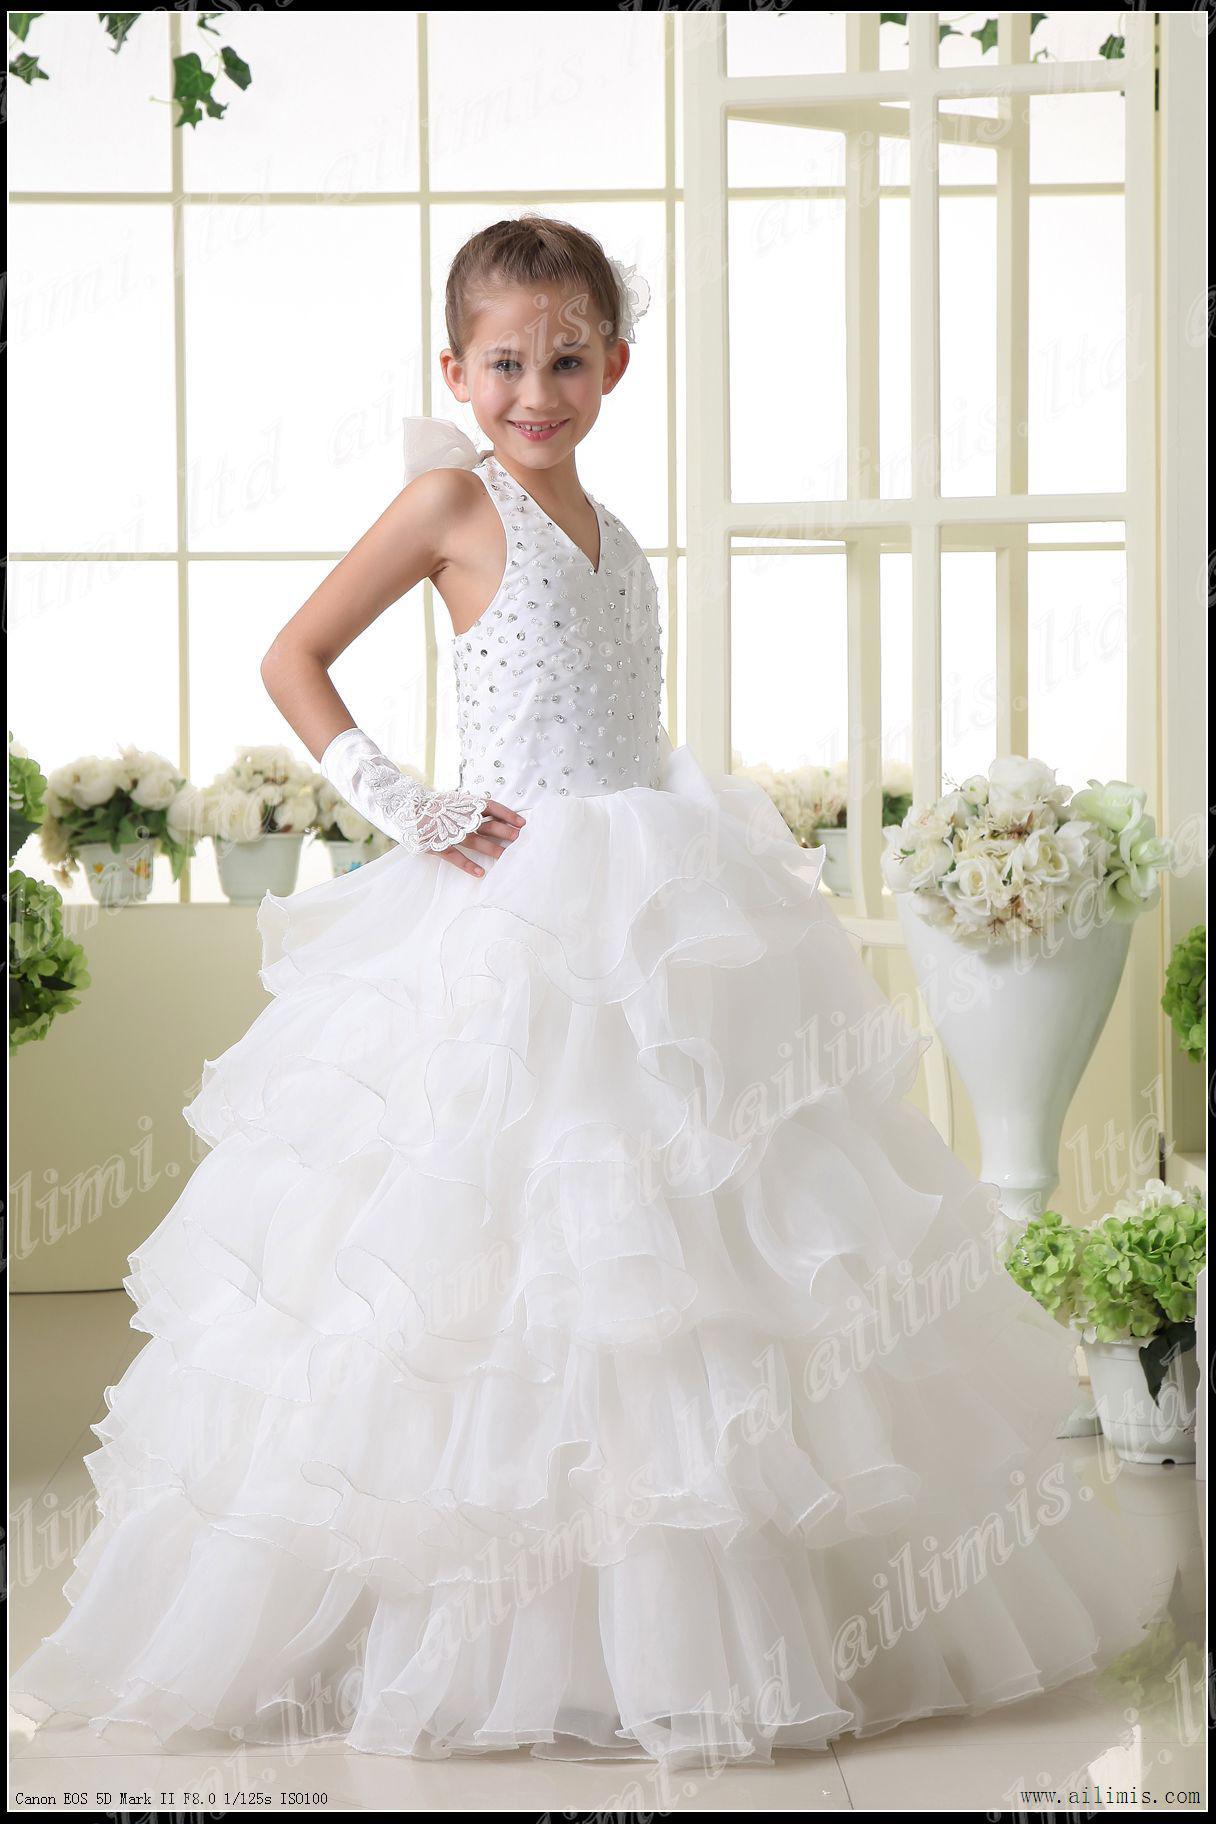 little girl dresses for wedding ocodeacom little girl dresses for wedding ocodea com